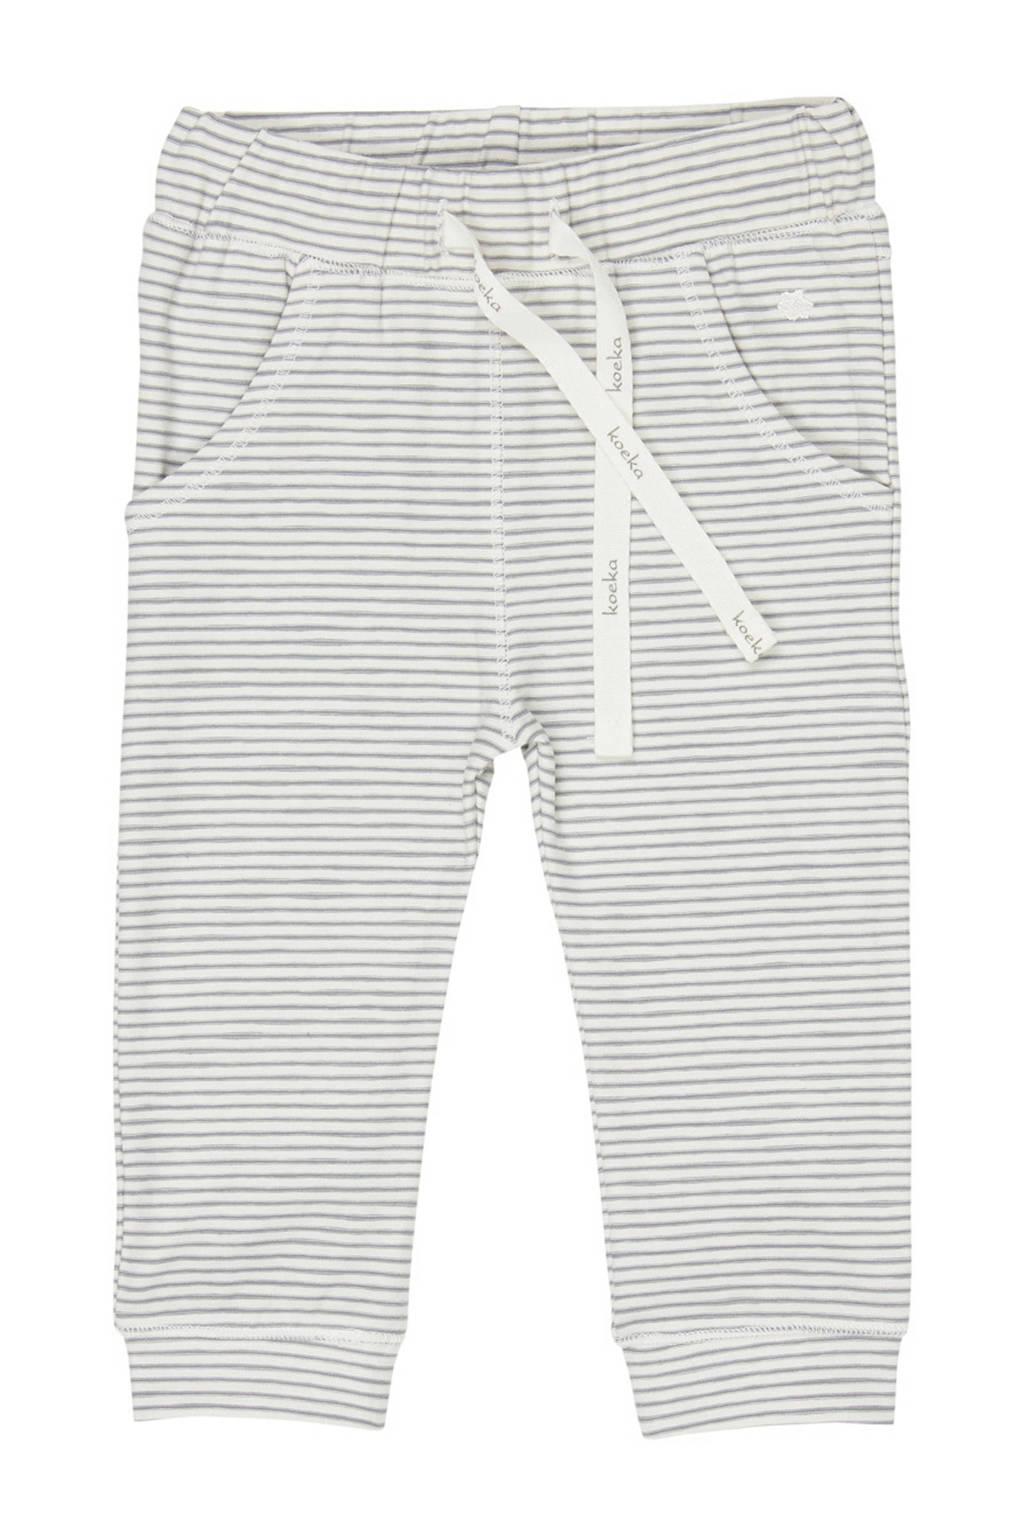 Koeka baby gestreepte broek Linescape wit/grijs, Wit/grijs